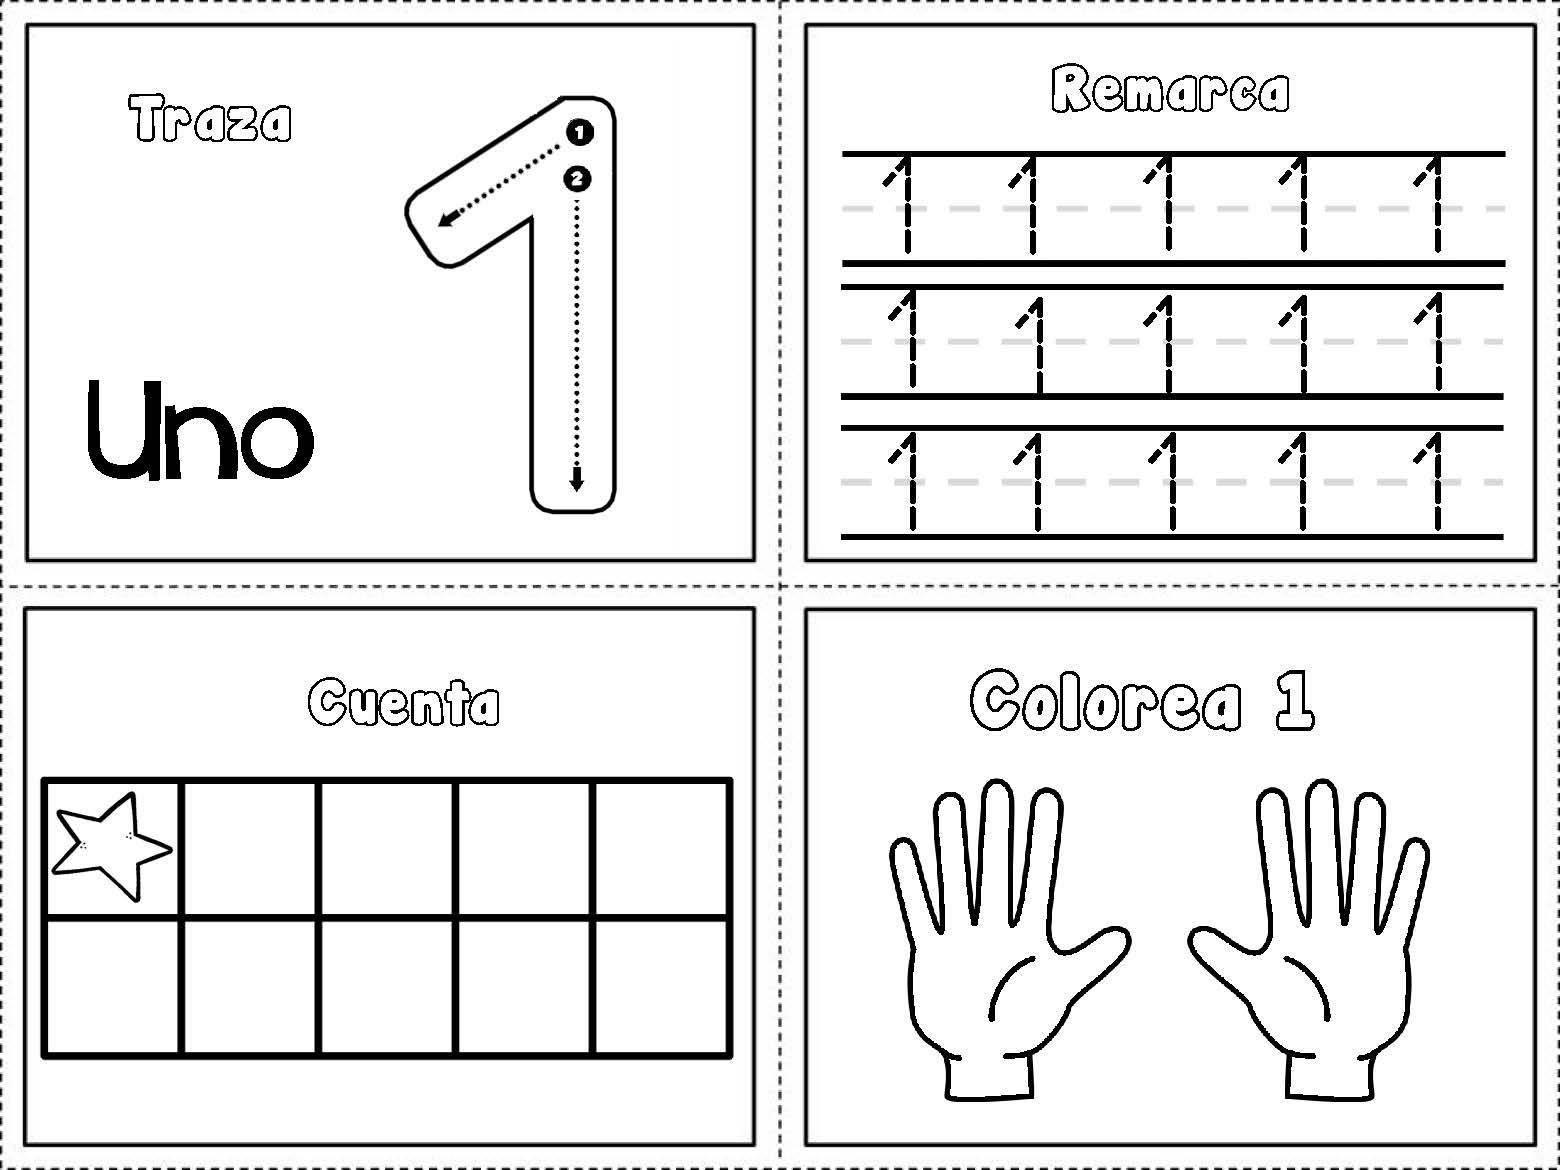 Dibujos Para Colorear Con Numeros Del 1 Al 10: Dibujos Para Colorear De Los Numeros Del 1 Al 10